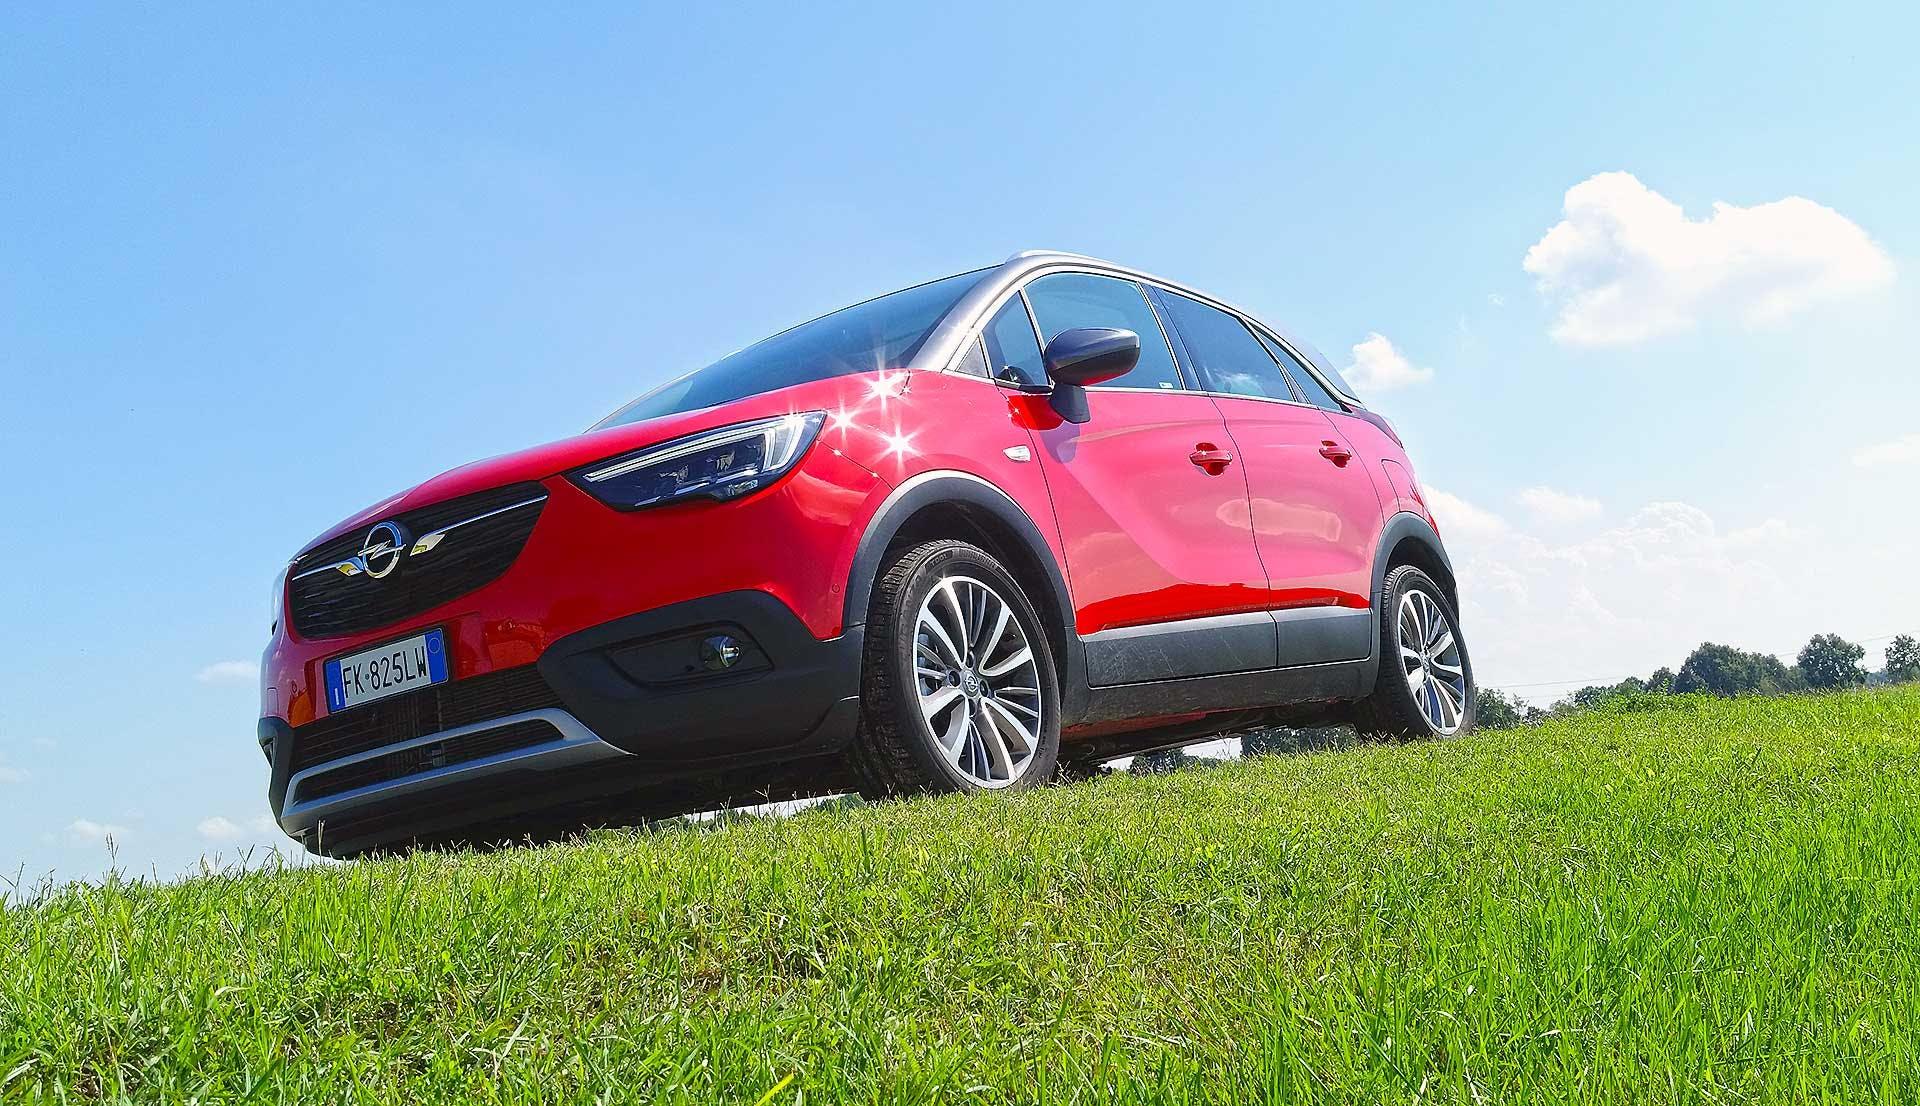 Opel Crossland X Statica, erba 3/4 anteriore